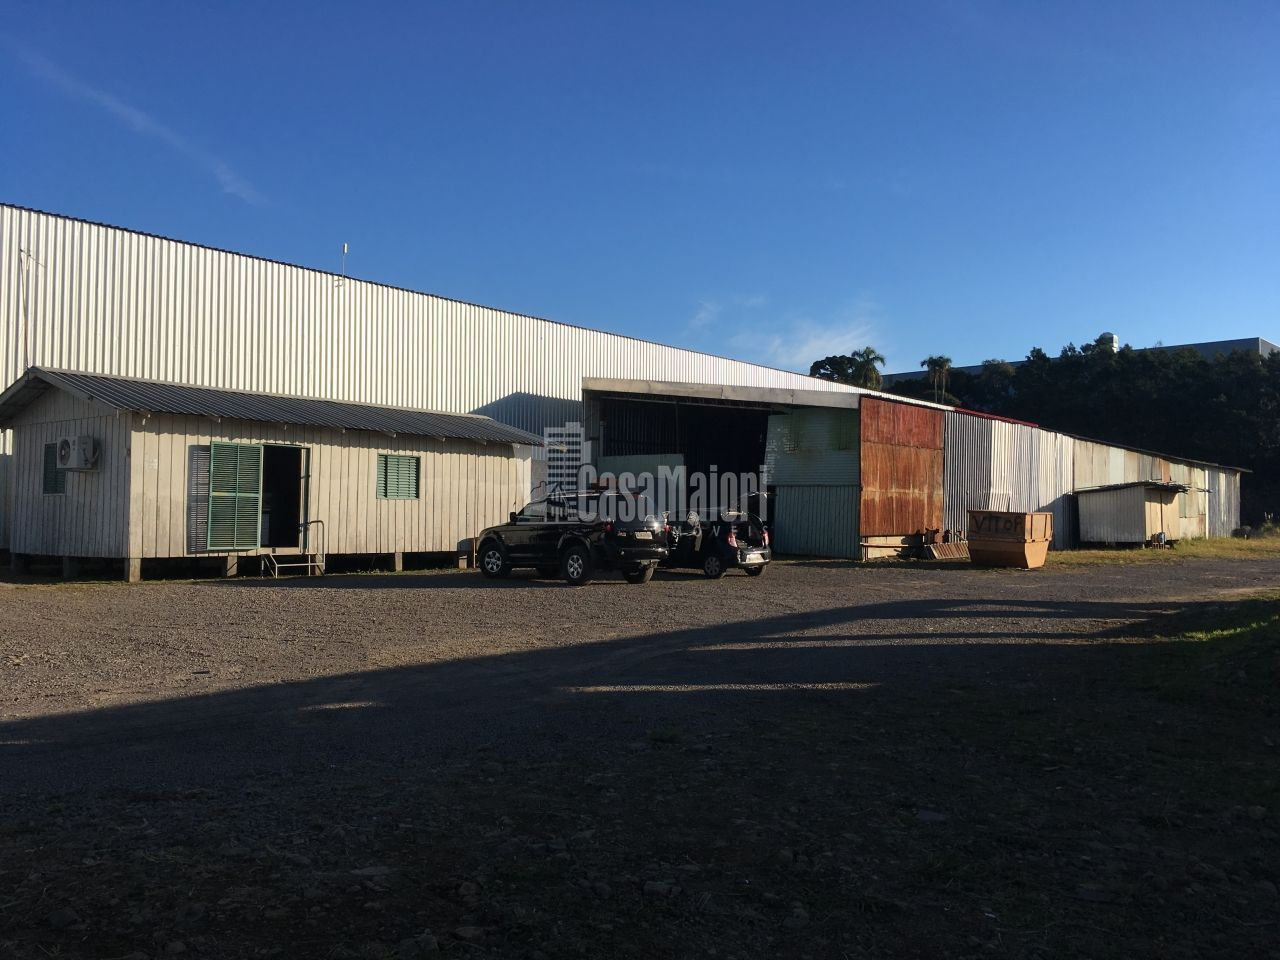 Pavilhão/galpão/depósito à venda  no Integração - Garibaldi, RS. Imóveis